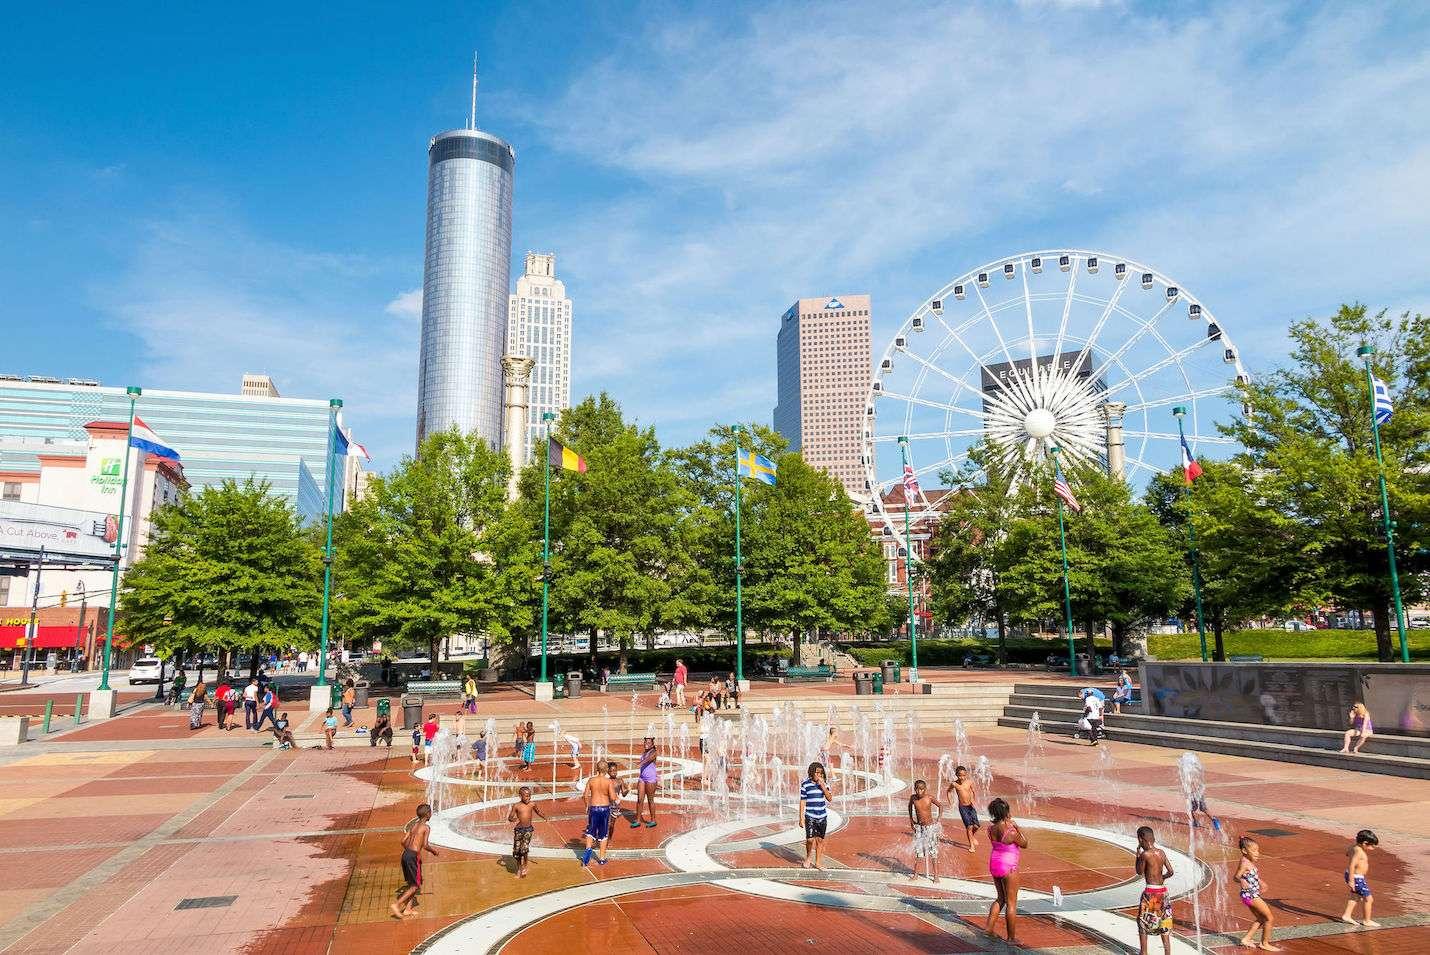 Morar nos EUA: as 7 melhores cidades para os brasileiros